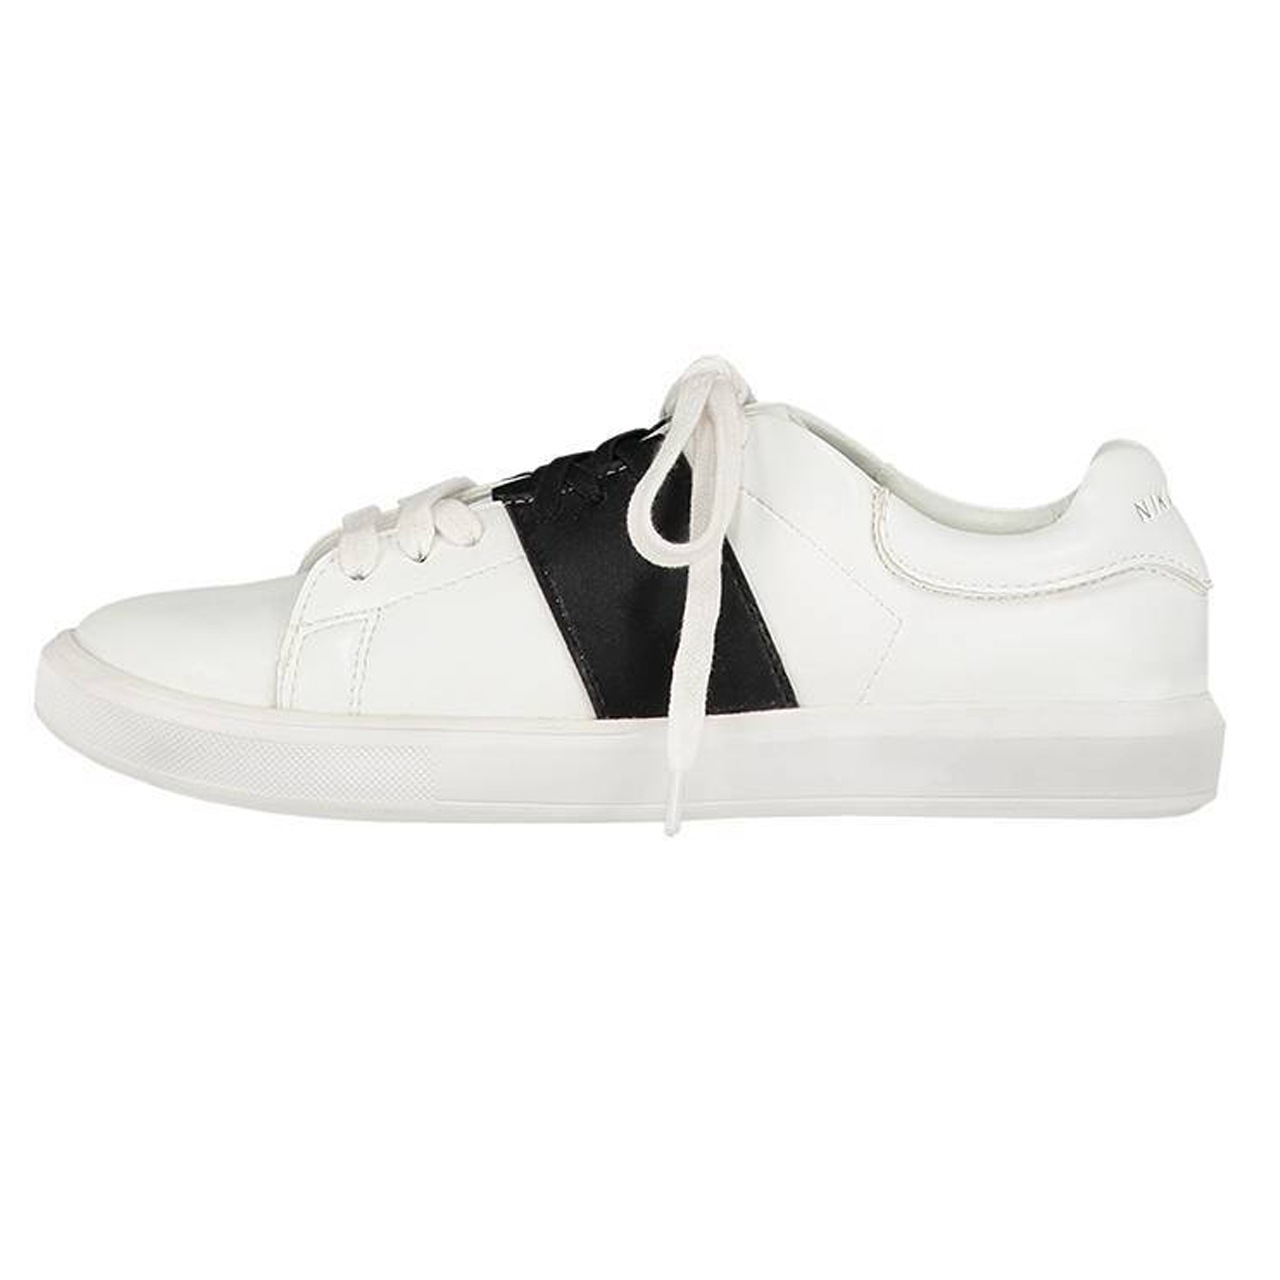 NikB 1705 002 Sneakers Zwart Schoenen Jongens 9 67ybfg